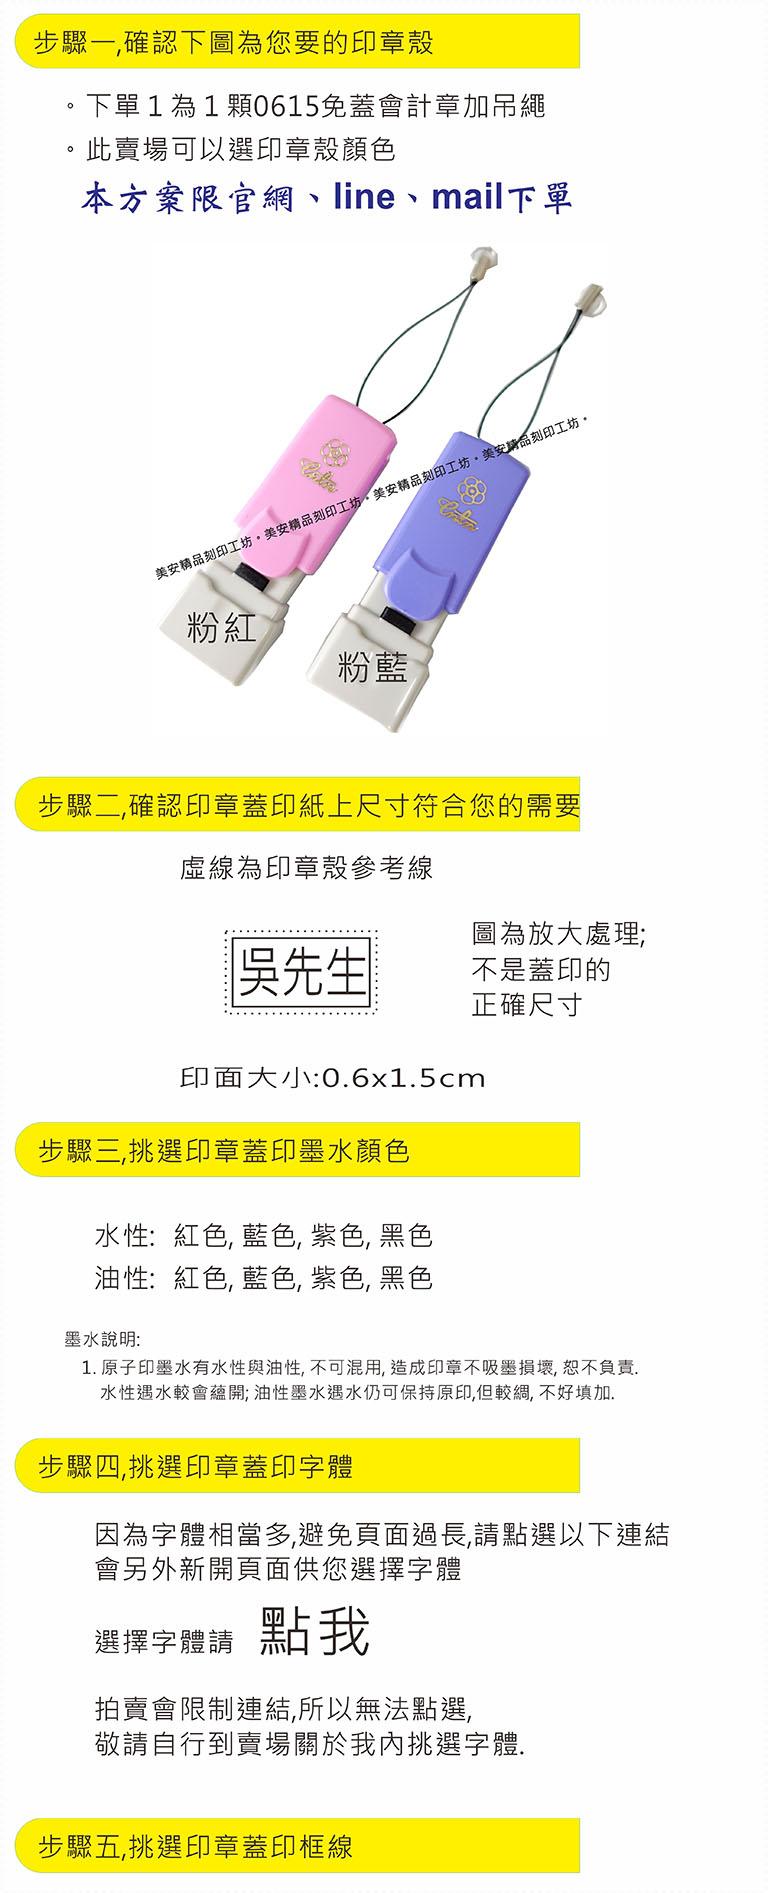 0615免蓋會計章送吊繩